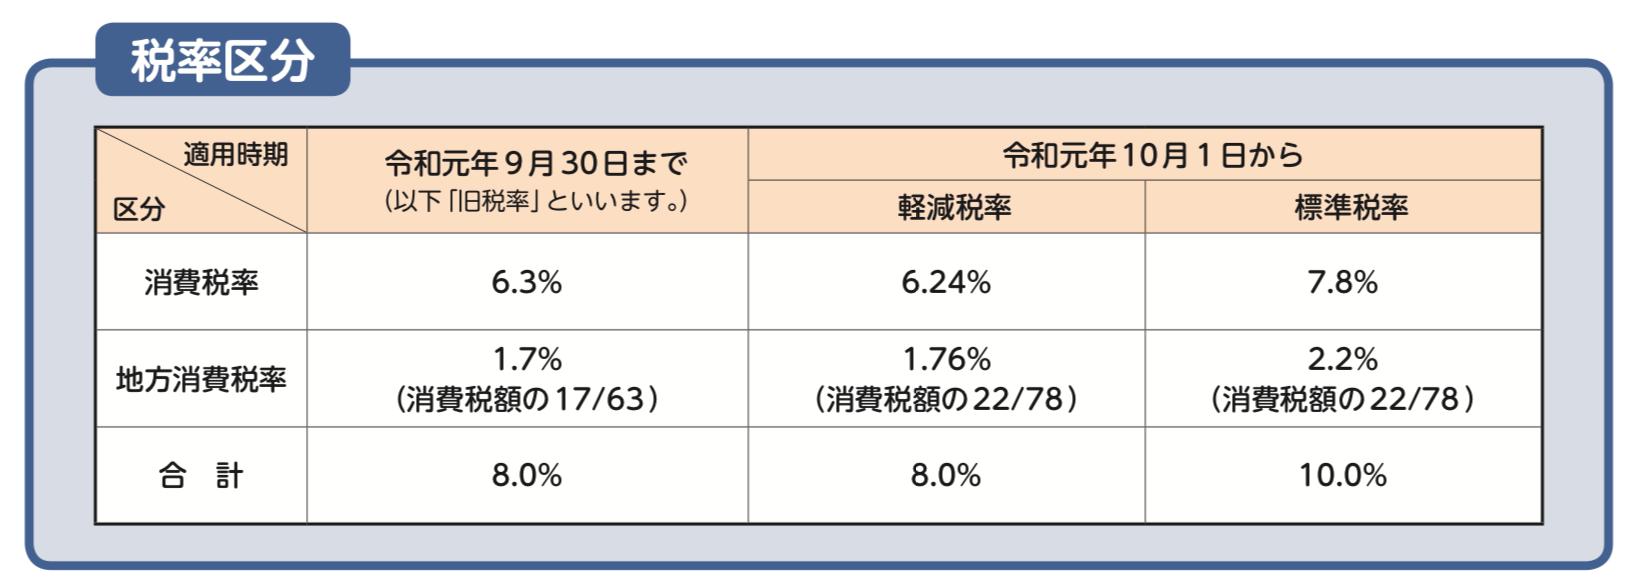 似て非なる8%と8%(旧と軽)